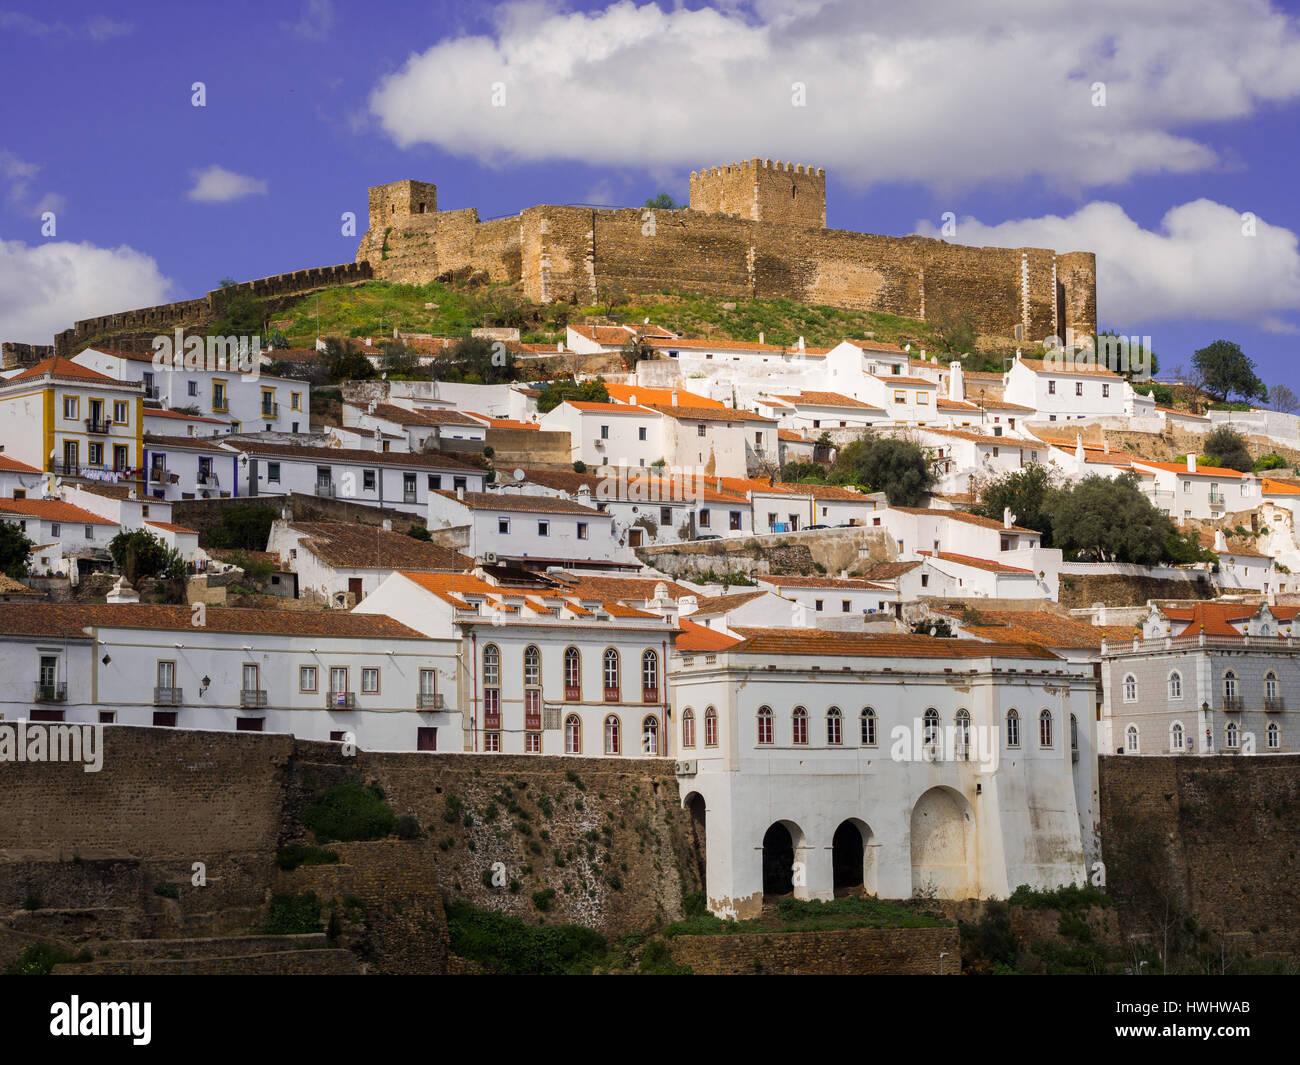 Mertola in Alentejo region in south Portugal Stock Photo: 136232051 - Alamy